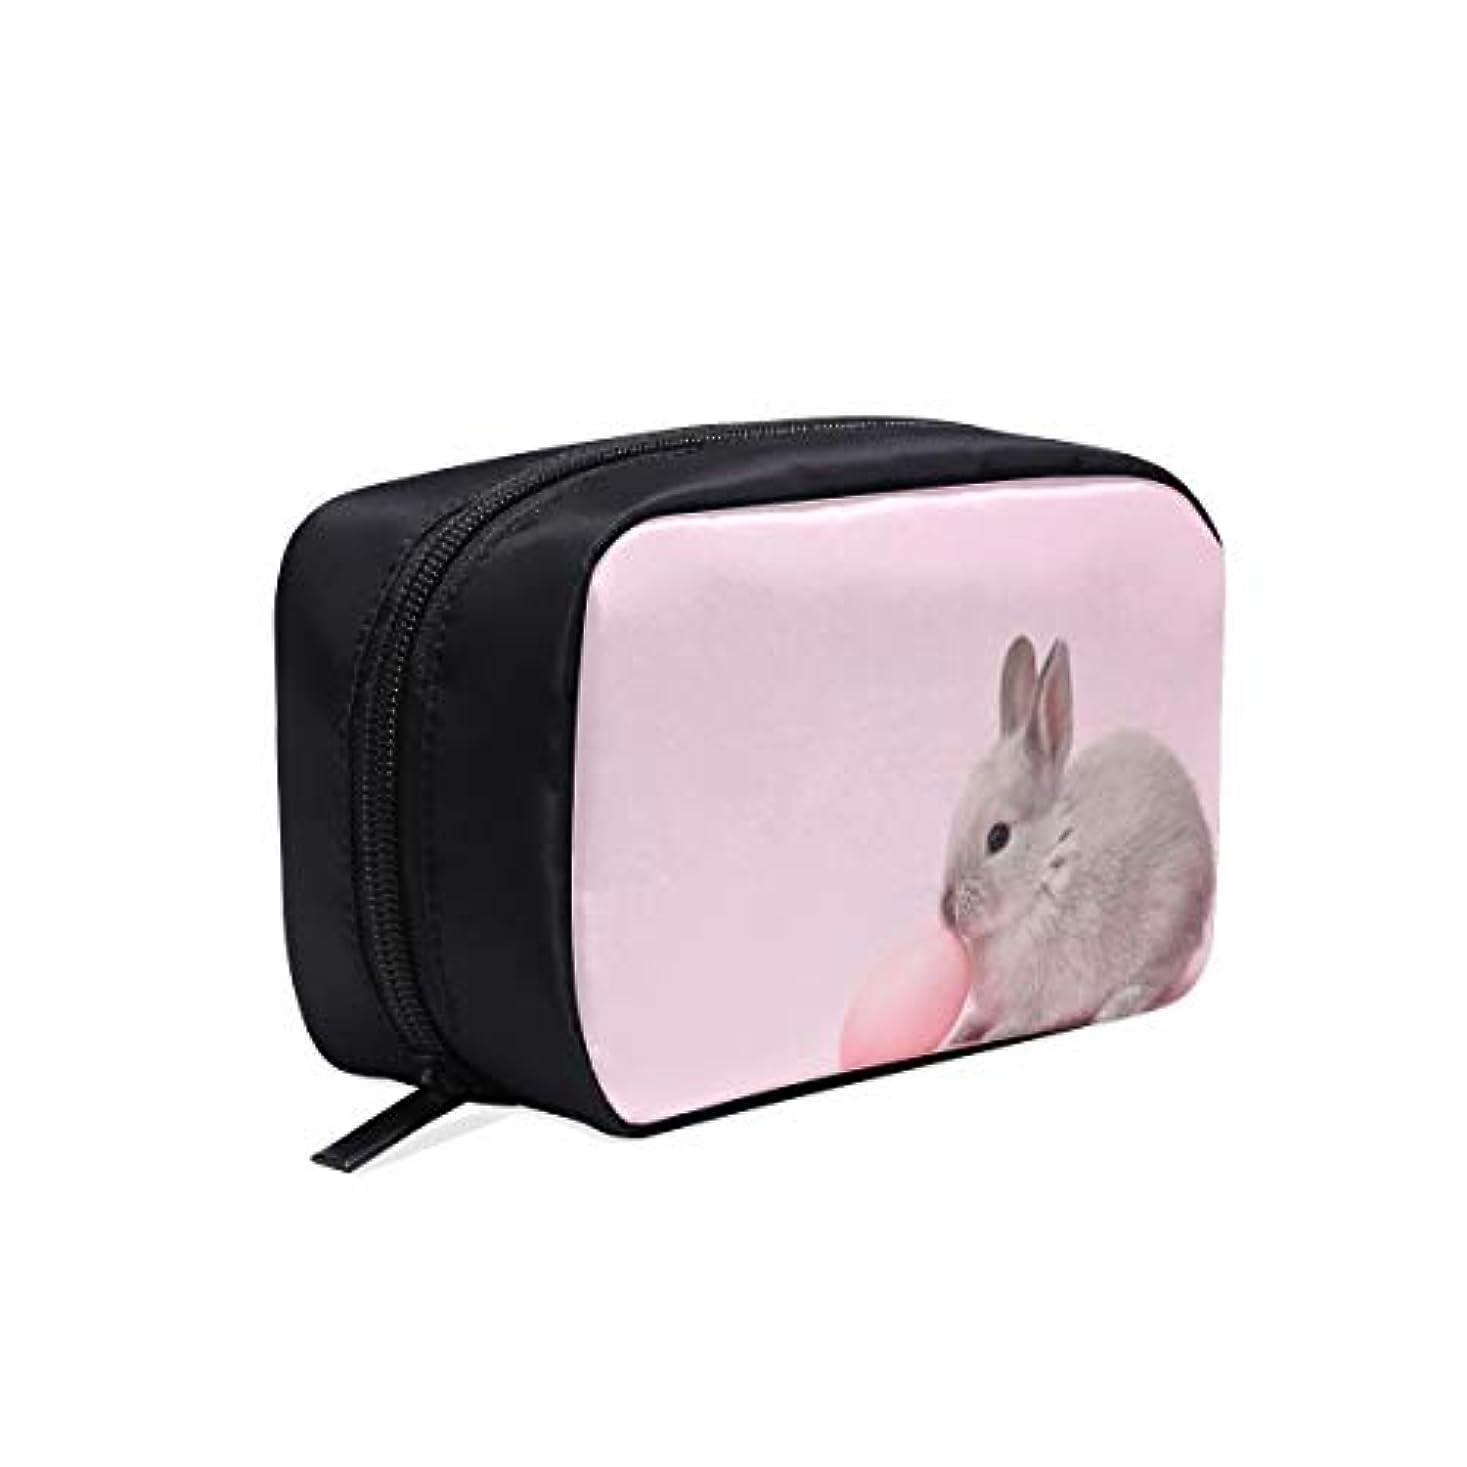 利用可能約ペニーCWSGH メイクポーチ 卵やかわいいうさぎ ボックス コスメ収納 化粧品収納ケース 大容量 収納 化粧品入れ 化粧バッグ 旅行用 メイクブラシバッグ 化粧箱 持ち運び便利 プロ用